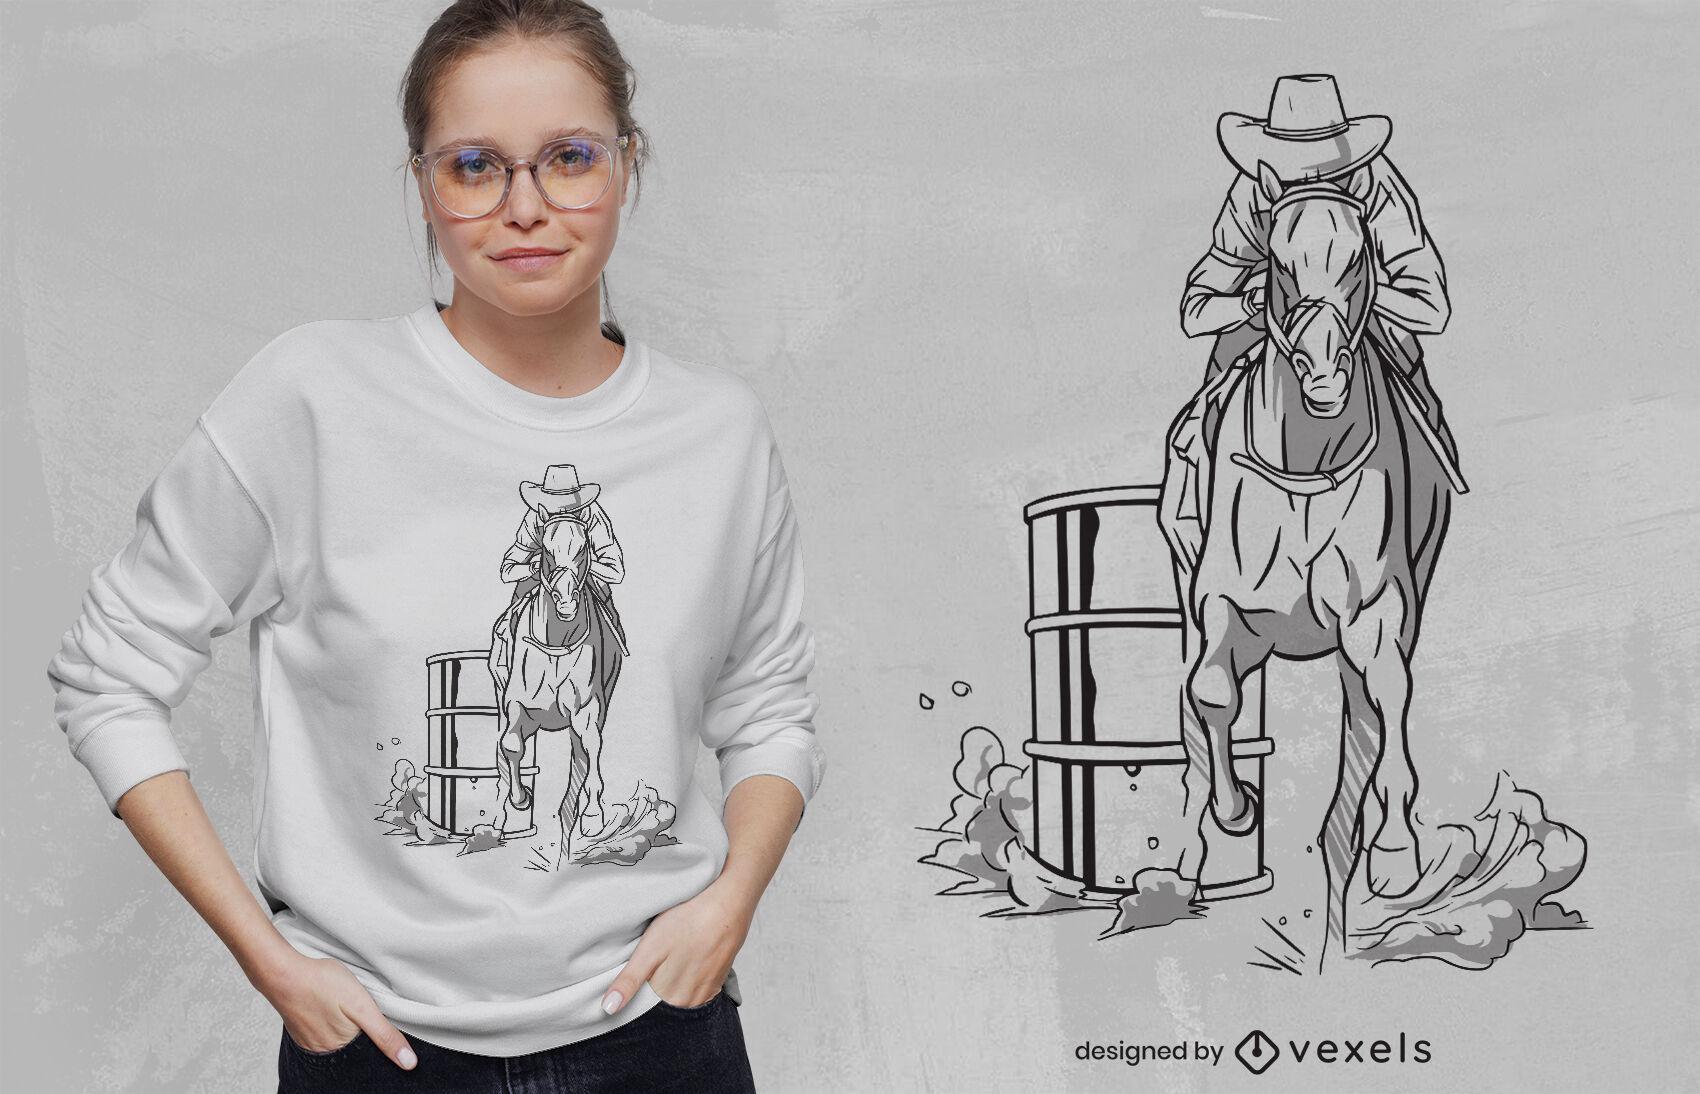 SOLICITAR design de camiseta de caubói